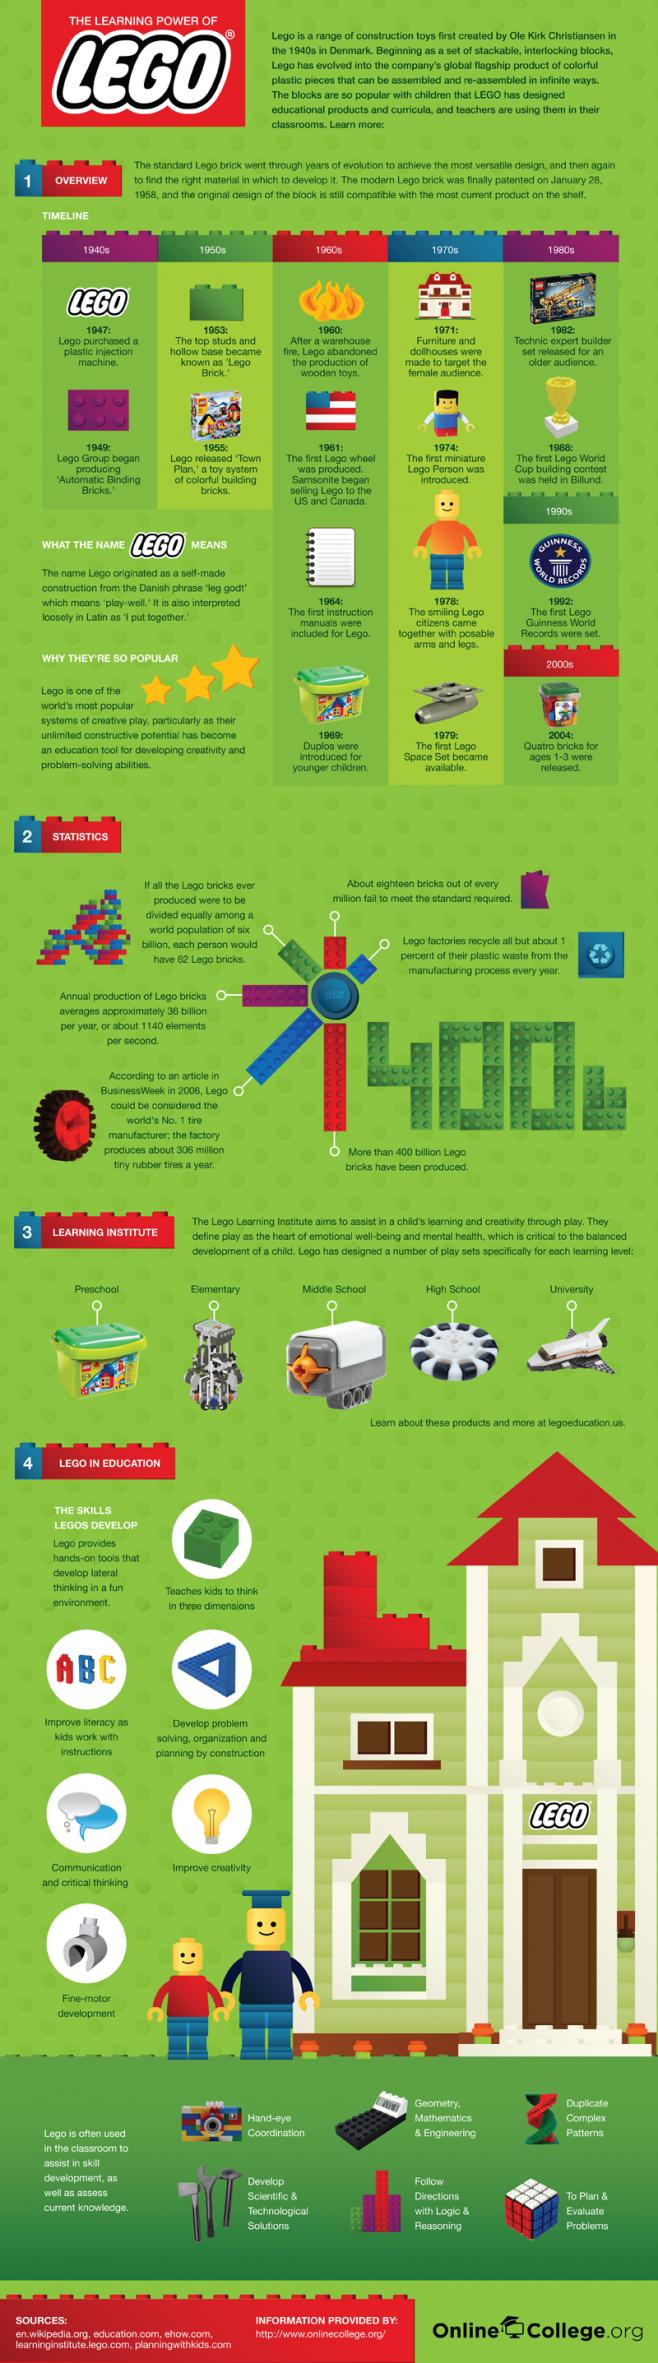 El poder de lego en educaci n la servilleta el blog for Educacion para poder